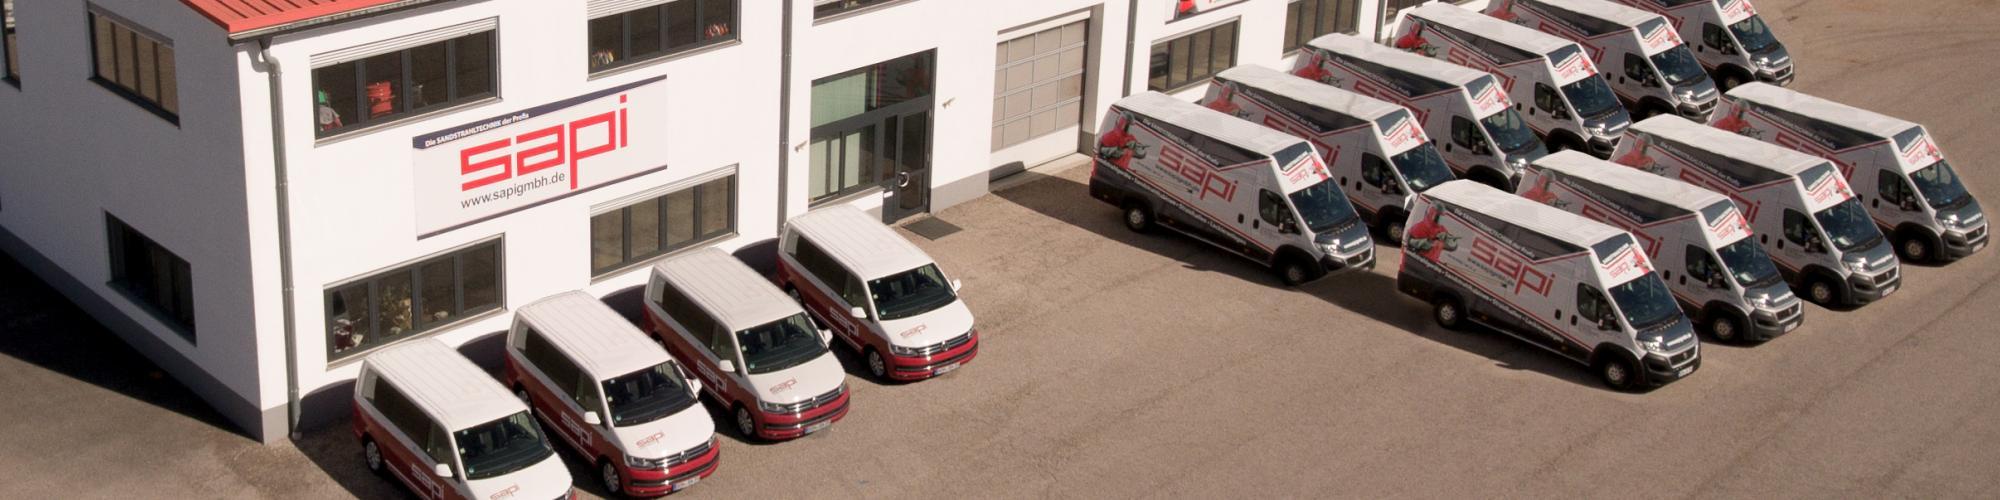 SAPI Sandstrahl und Anlagenbau GmbH